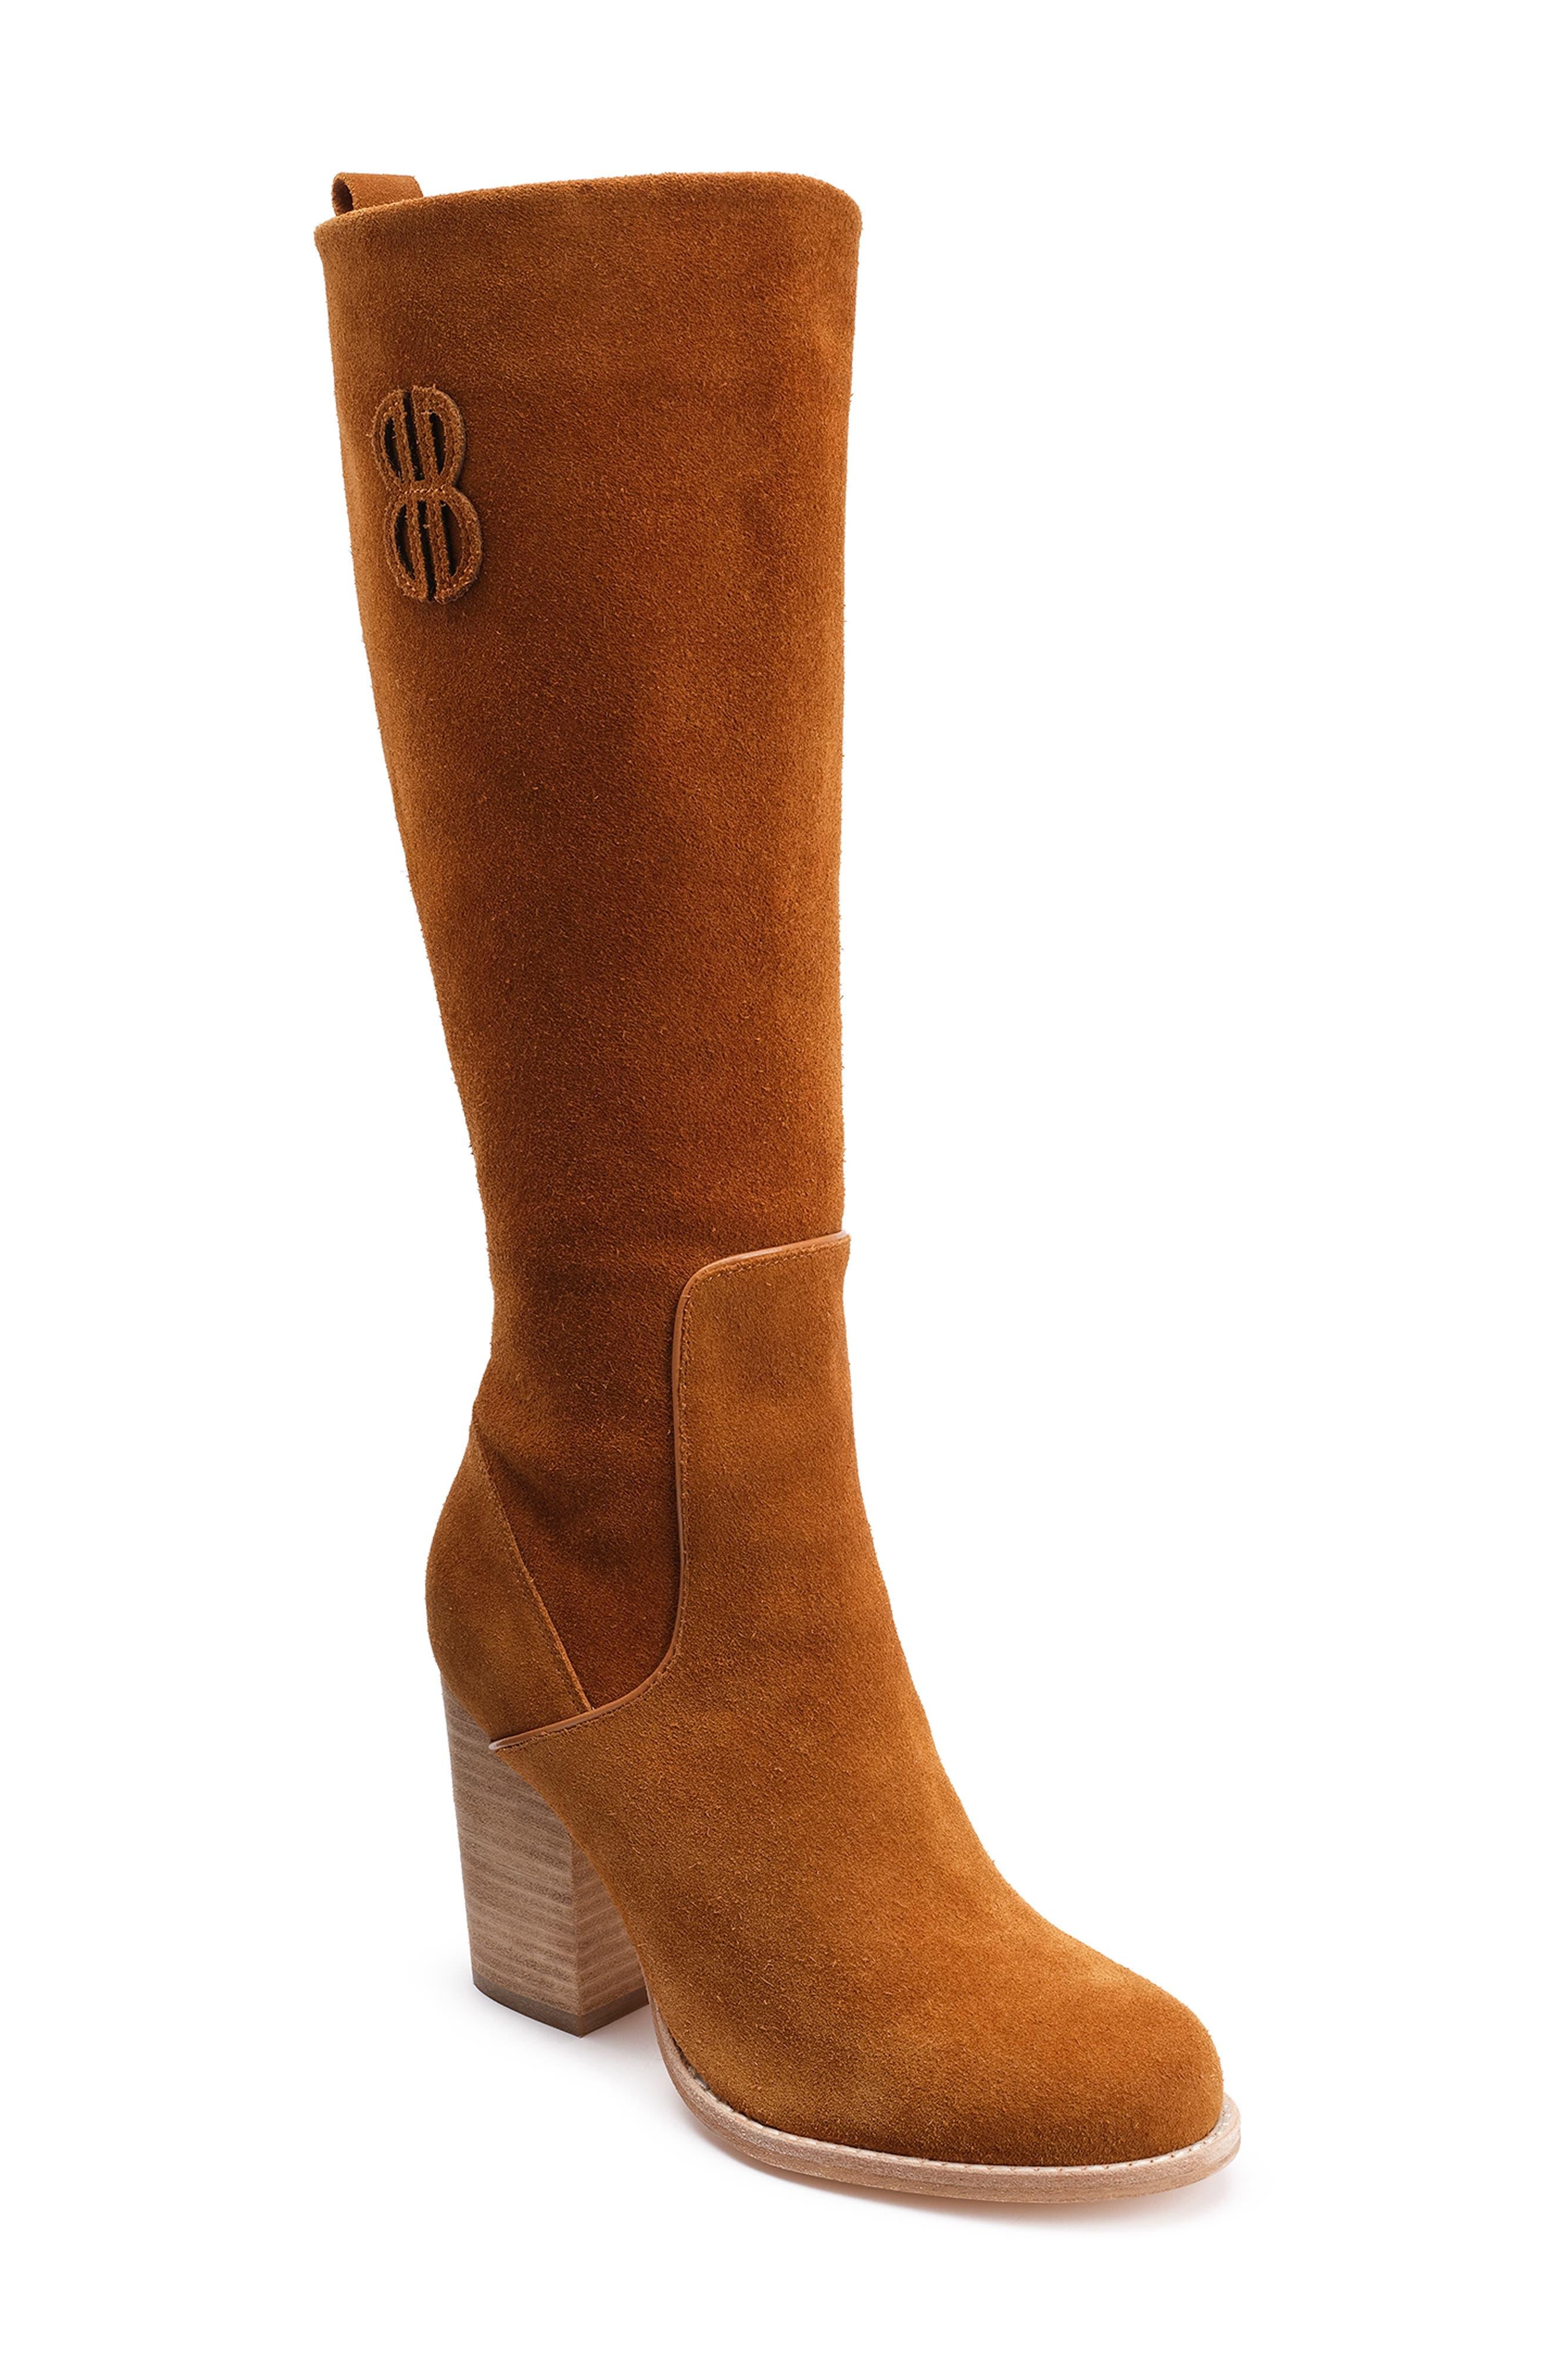 Bill Blass Bb Knee High Boot, Brown